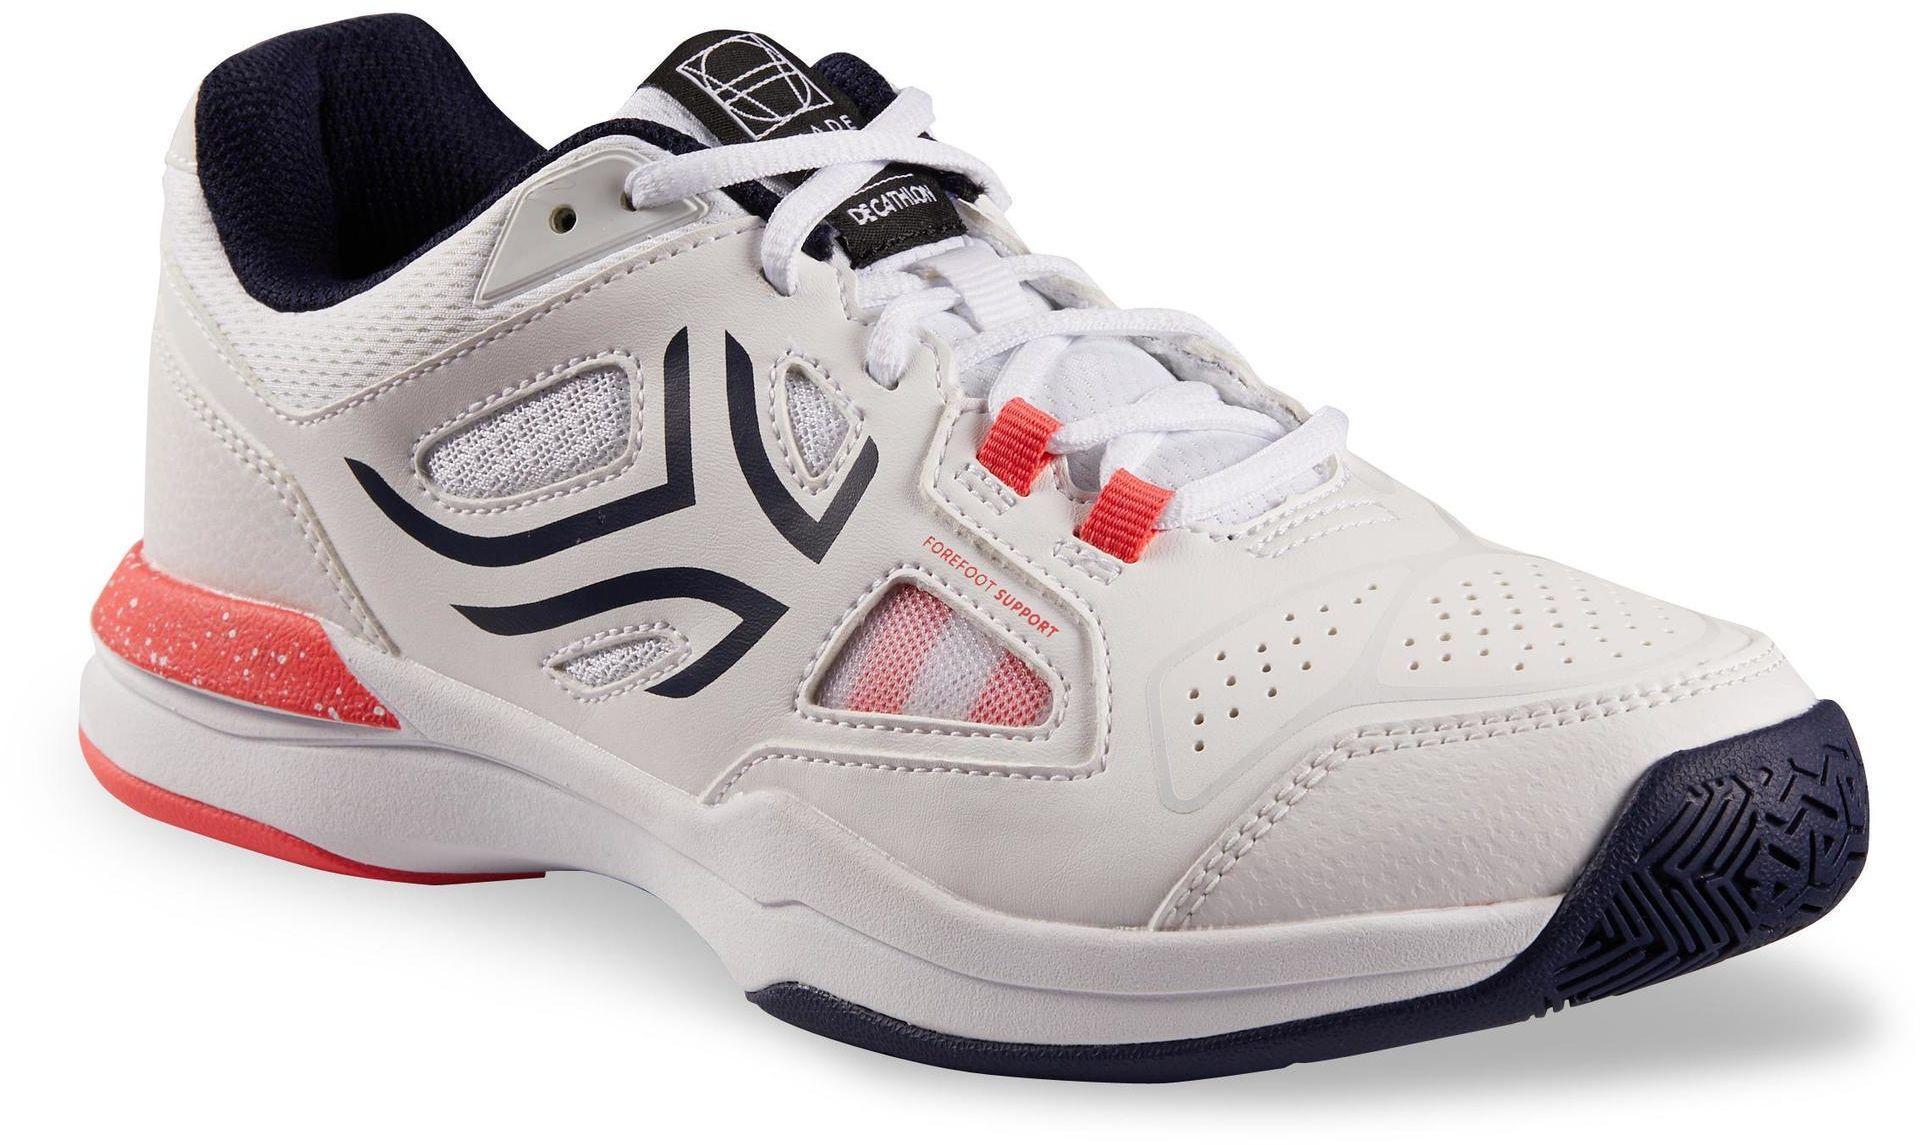 Buty tenis TS500 damskie